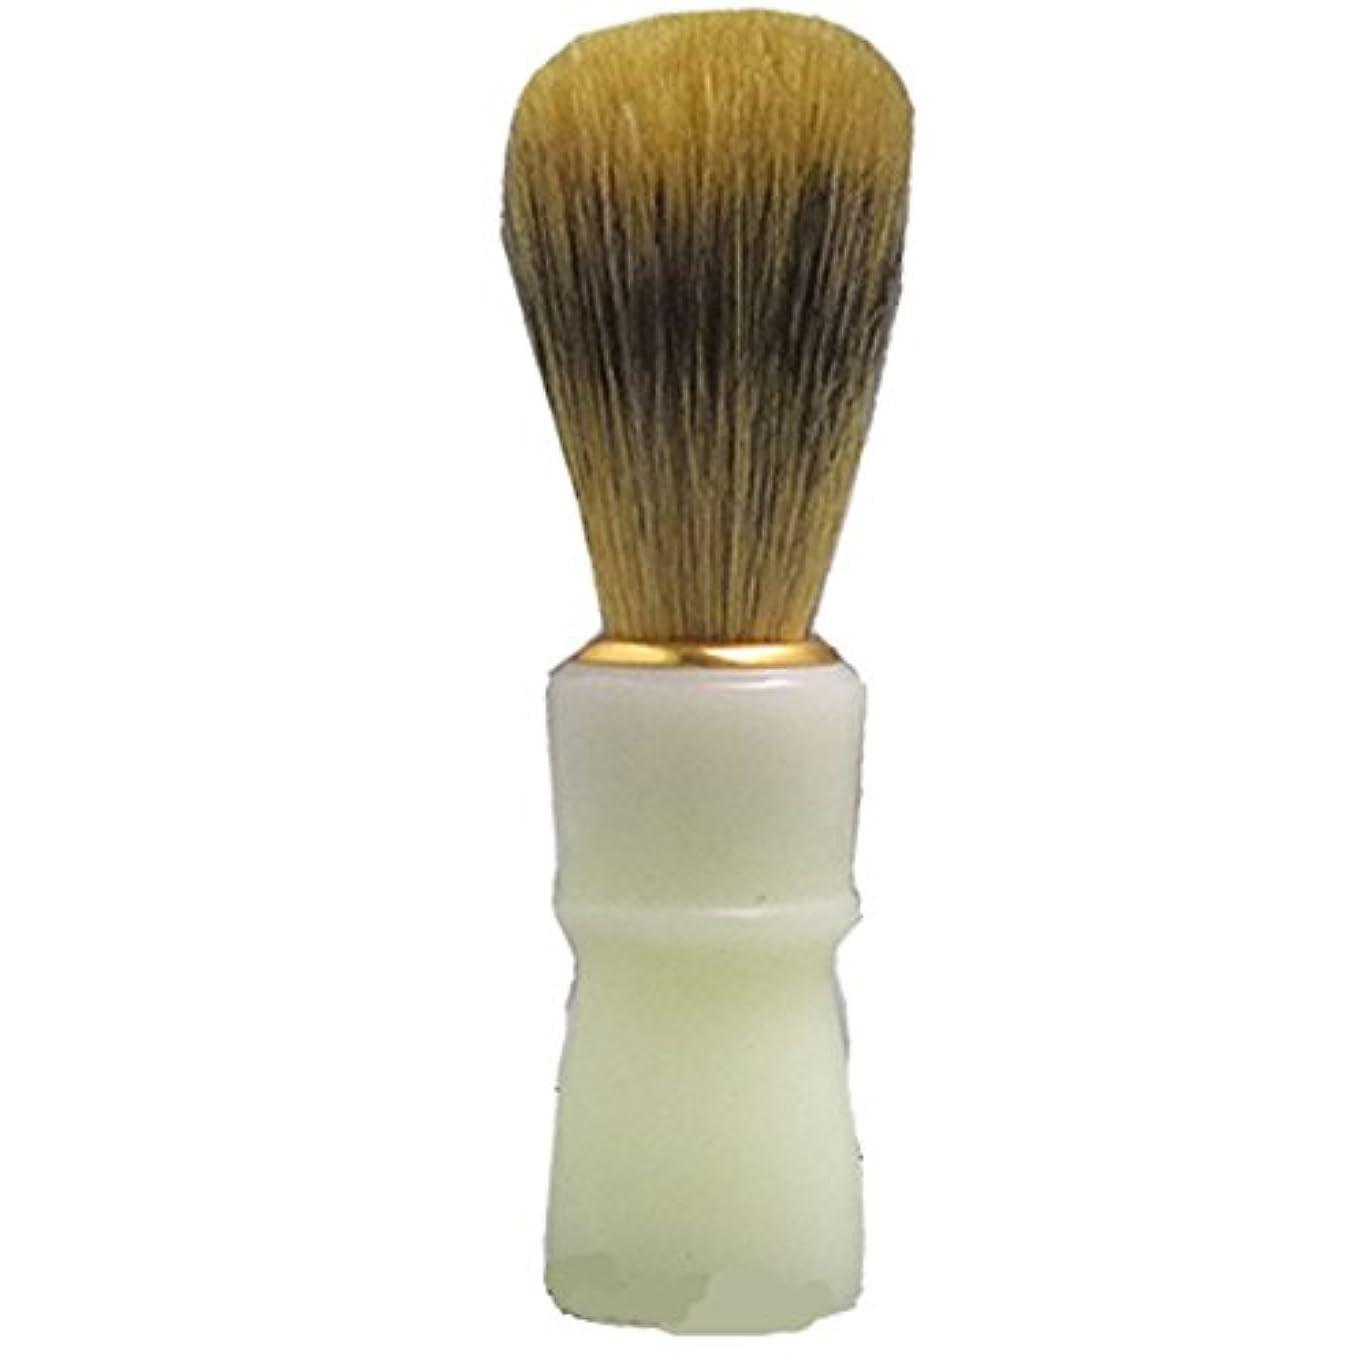 フリル酸アプトT-150 ひげブラシ 心地よいヒゲ剃り?お顔剃りが自宅でも! (シェービングブラシ) 大阪ブラシ